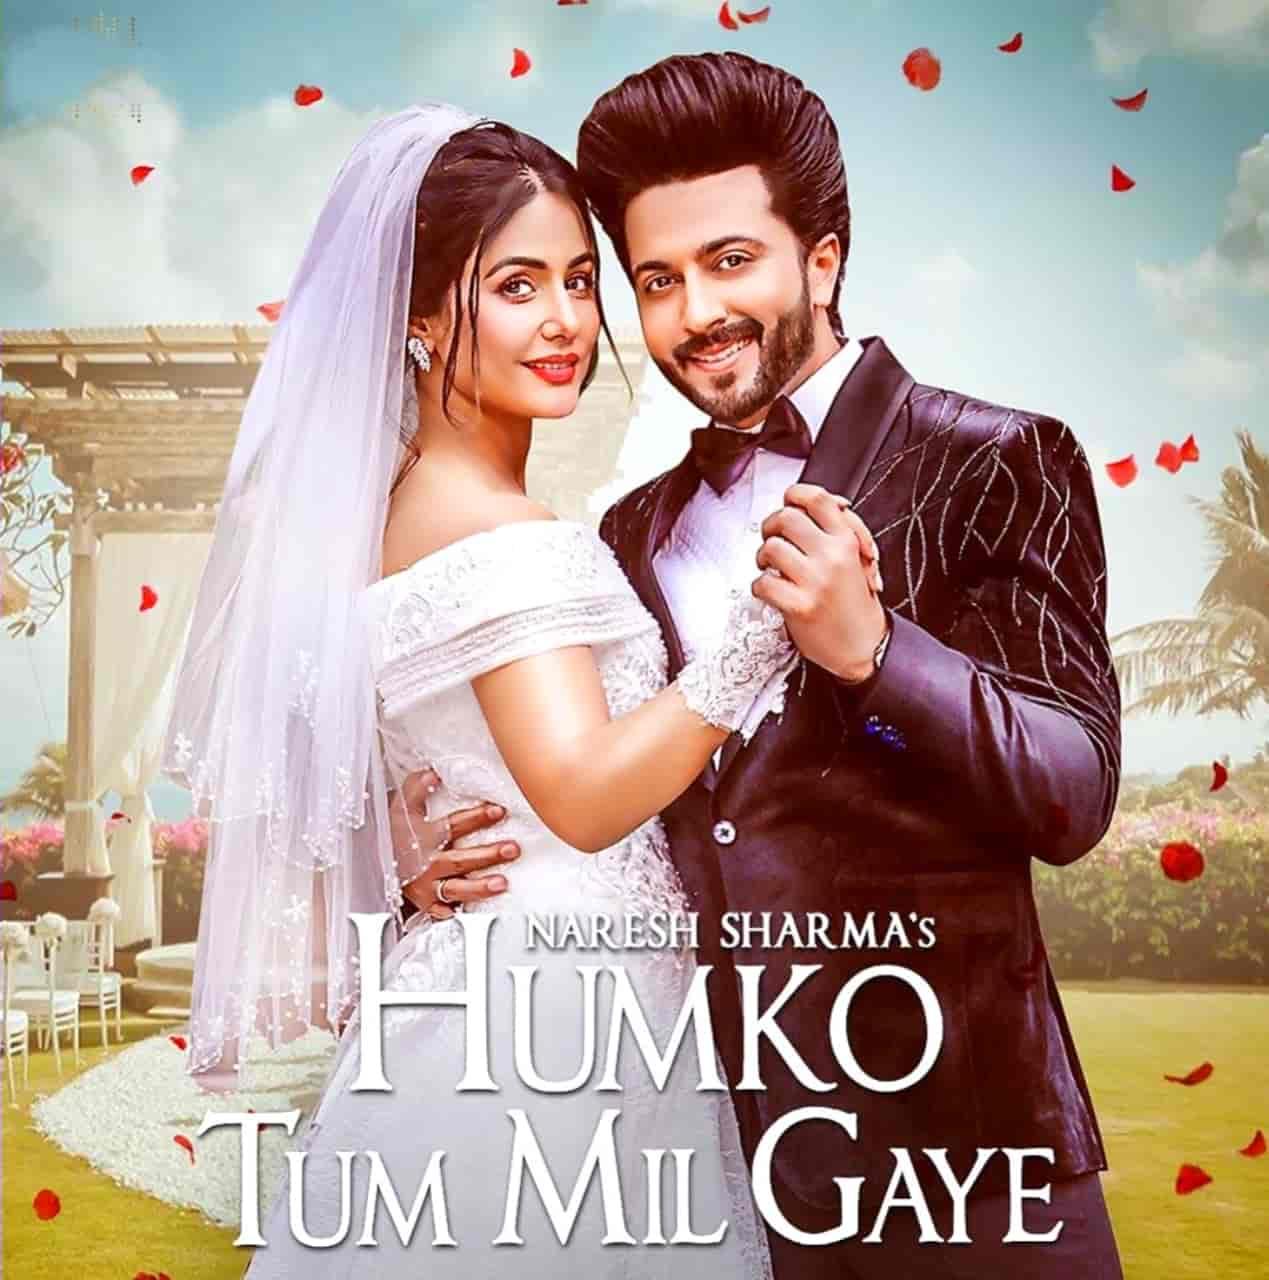 Humko Tum Mil Gaye Hindi Song Image Features Hina Khan & Dheeraj Dhoopar.